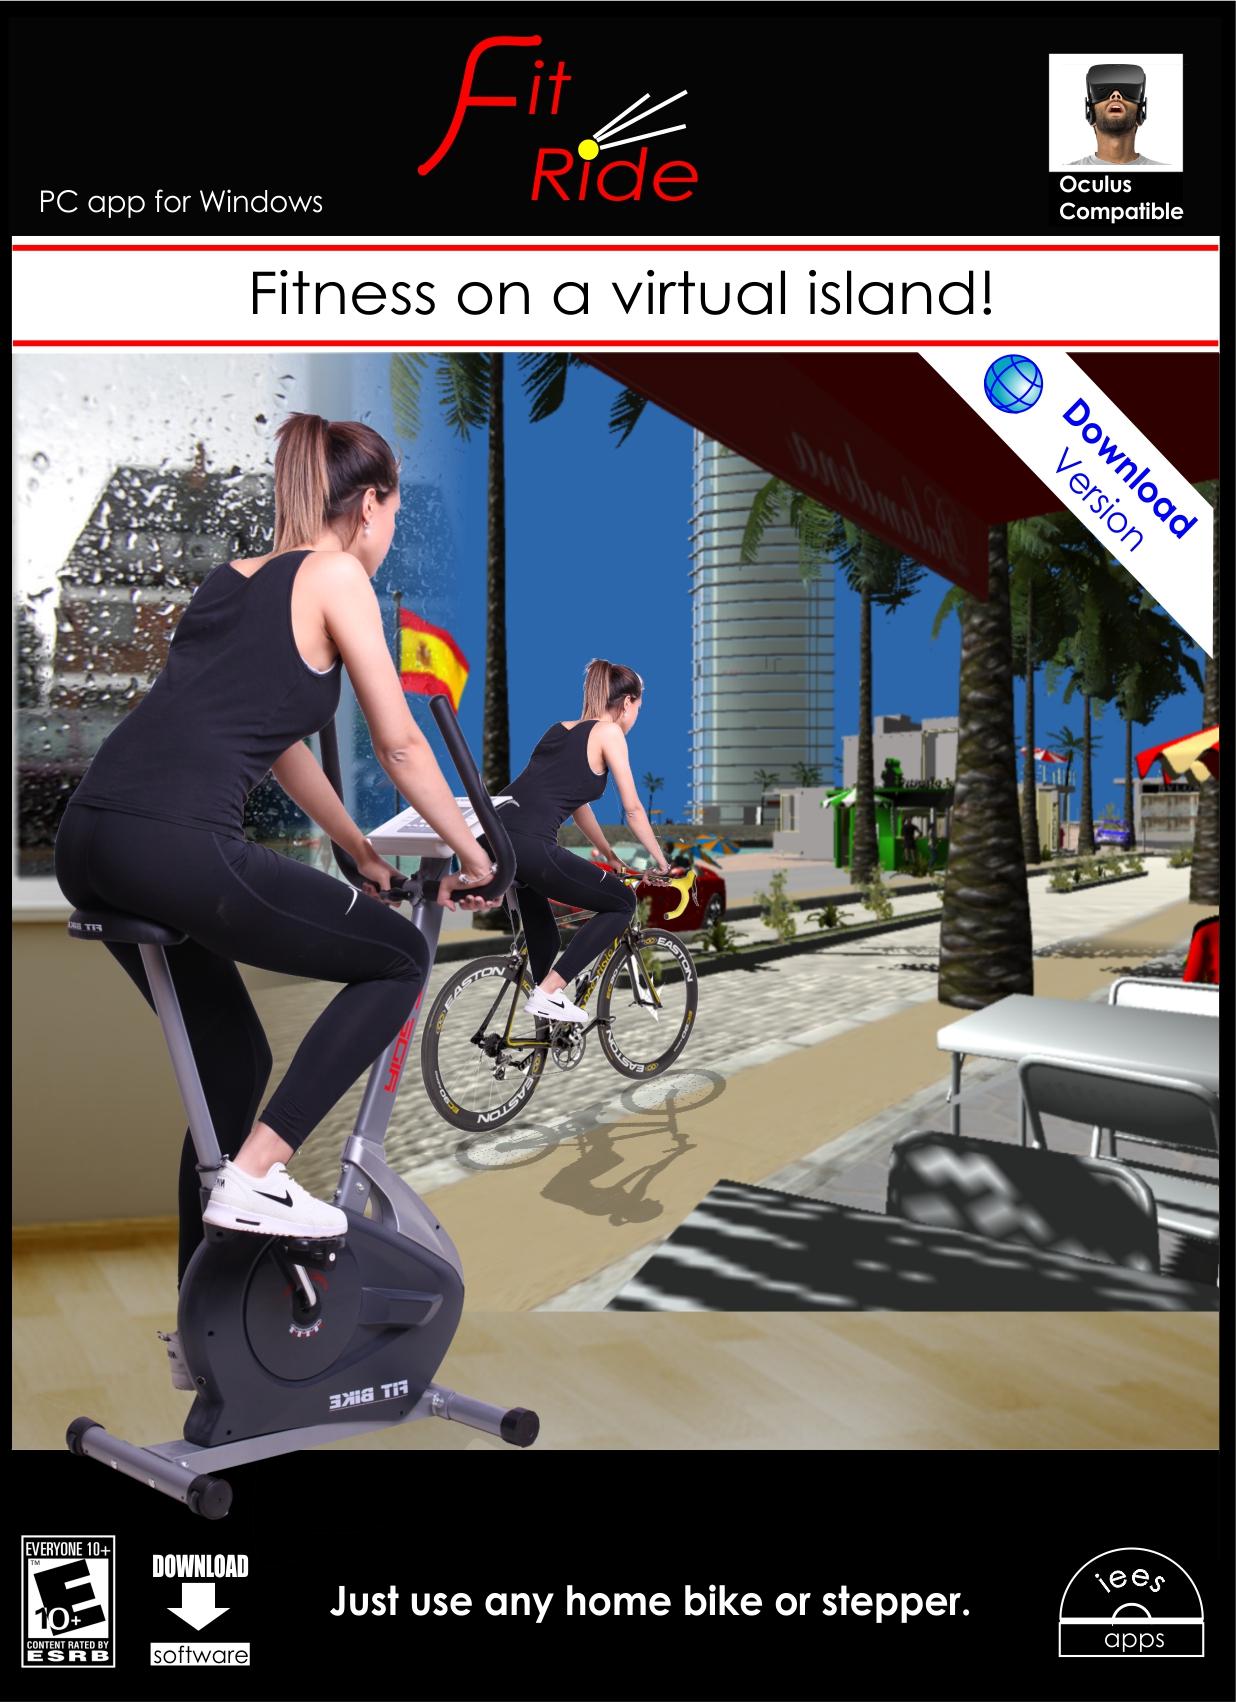 fitne fahrrad Verwandle deinen Heimtrainer oder Stepper in Spaß mit dieser App! [PC Download]